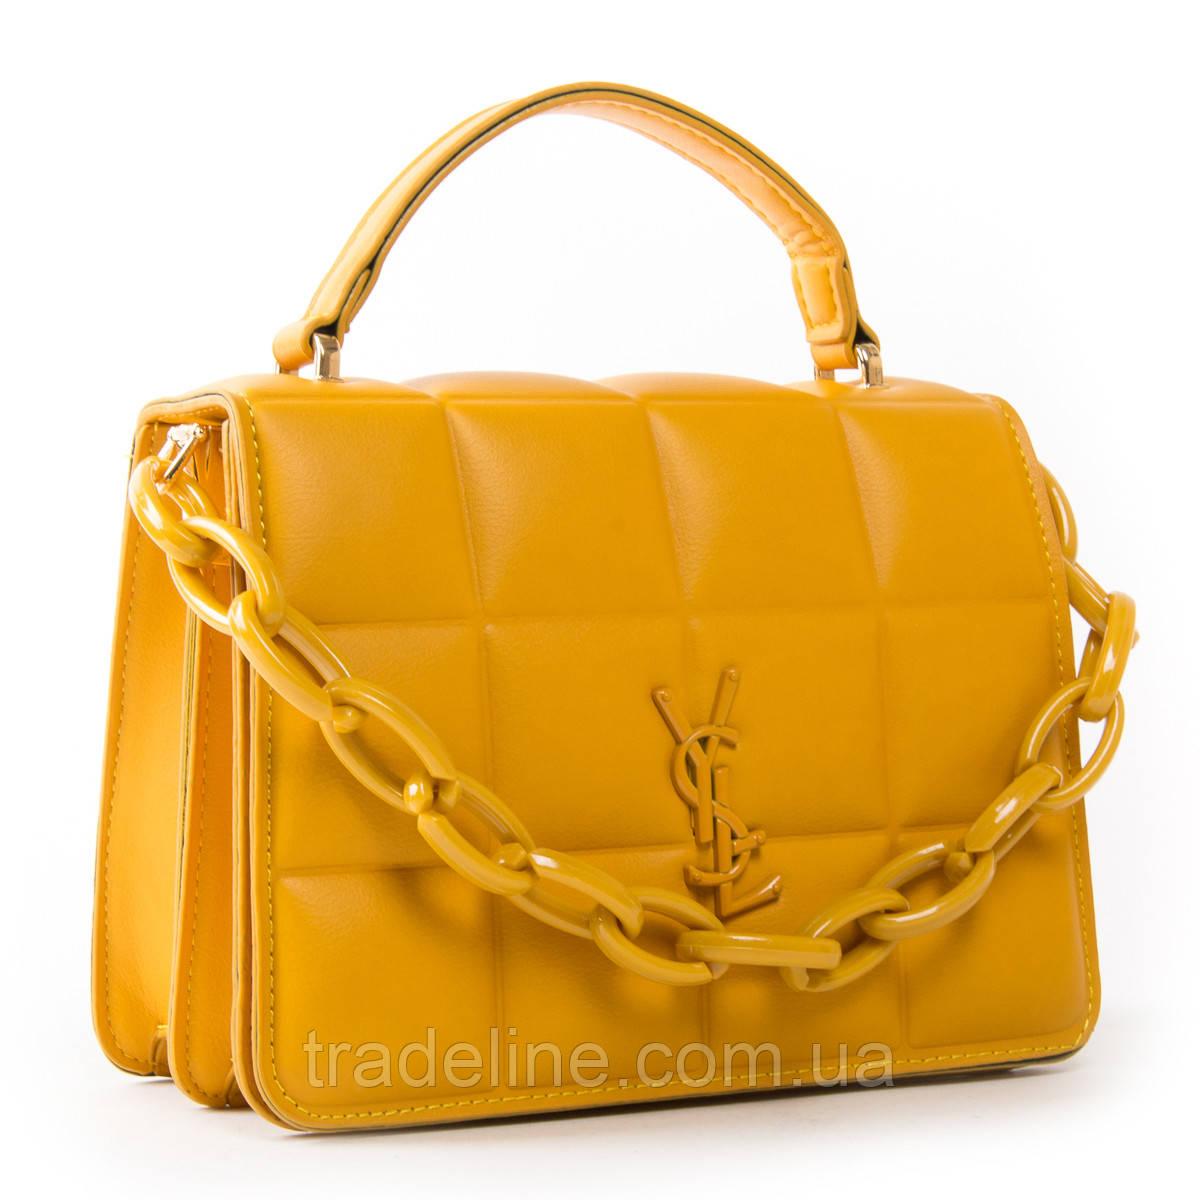 Сумка Женская Классическая иск-кожа FASHION 01-01 8720 yellow